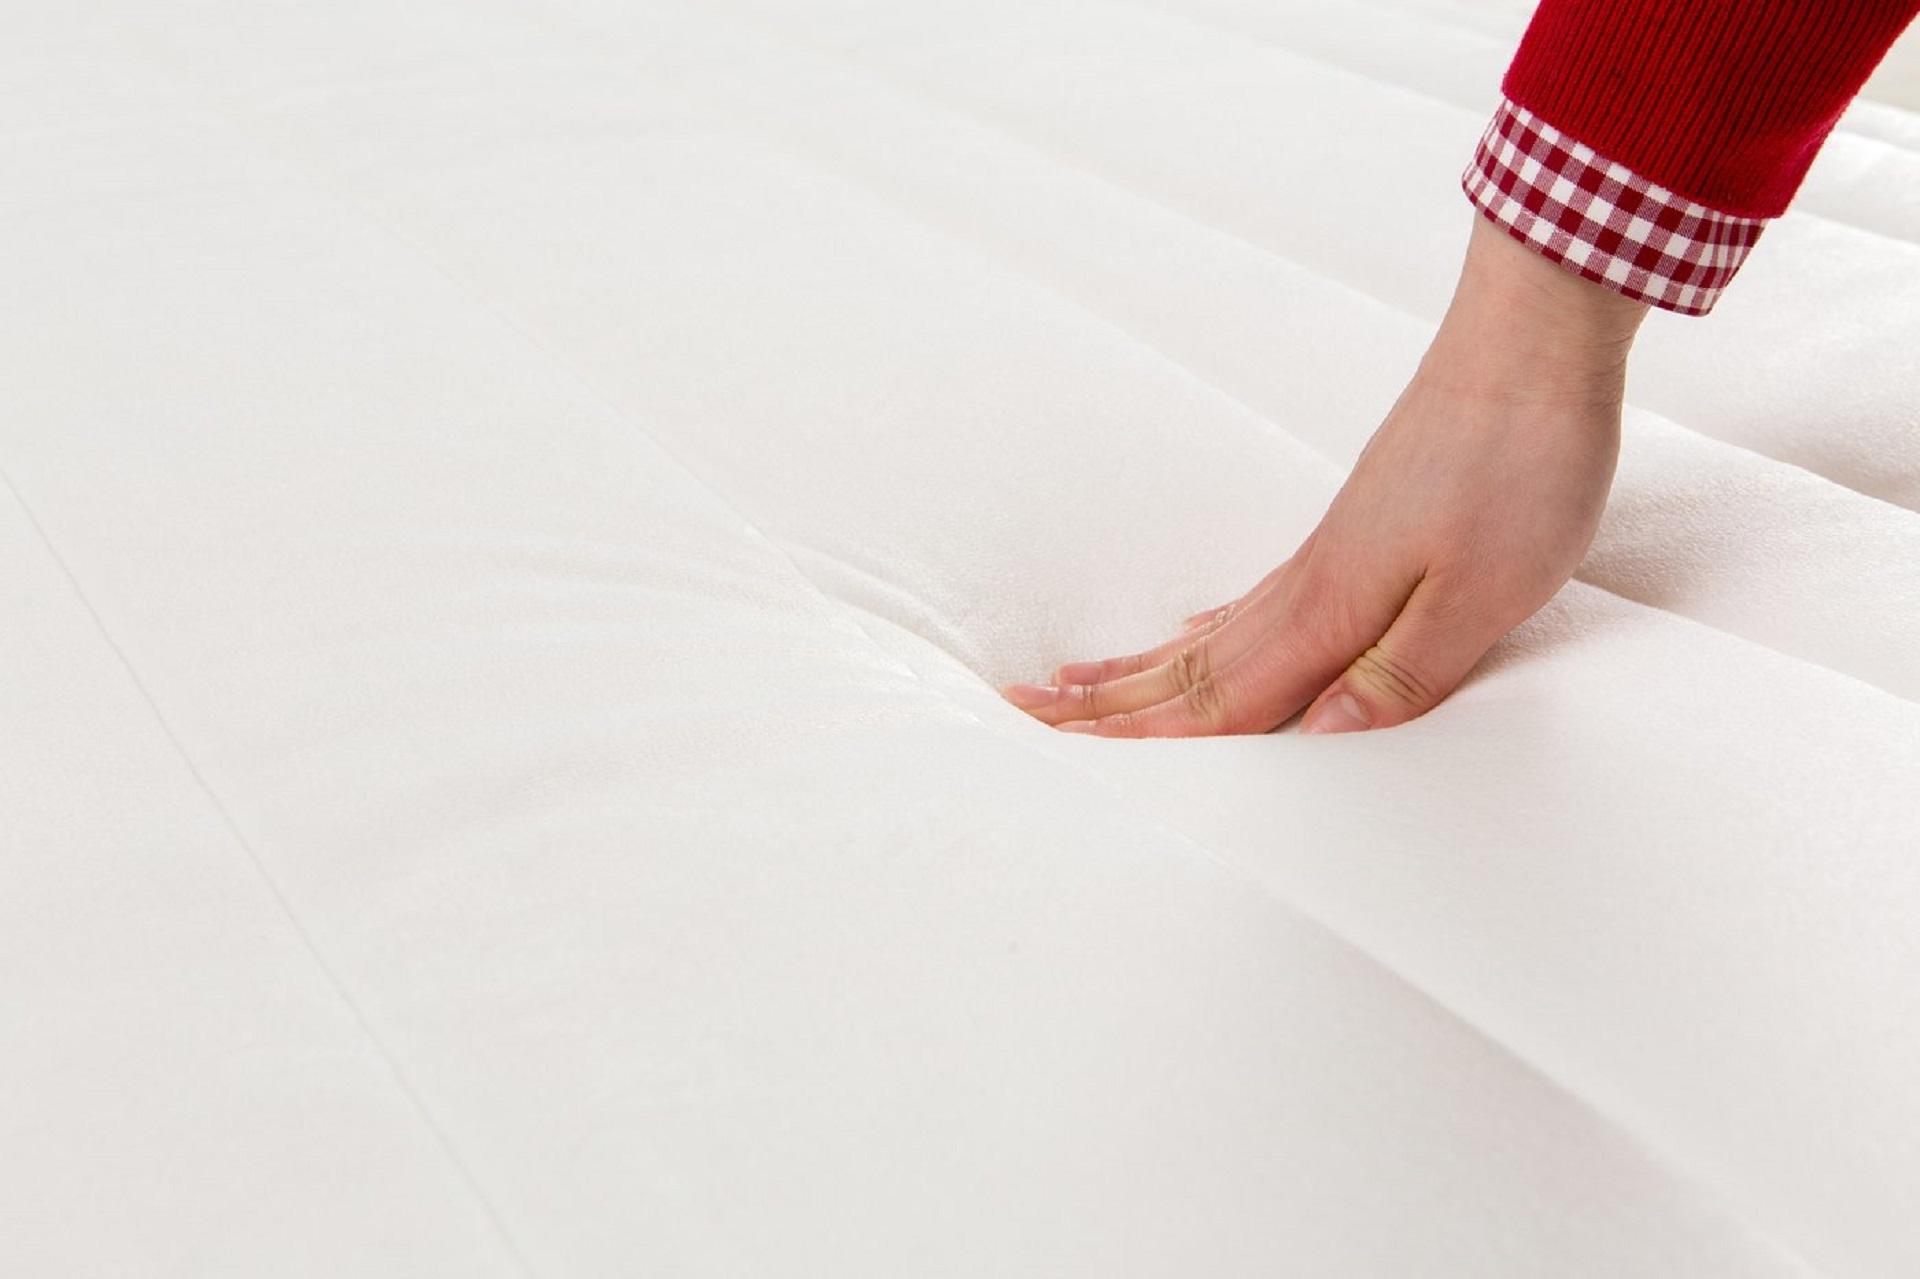 Produktdesign Möbel kostenlose foto möbel schaum stock schulter bein